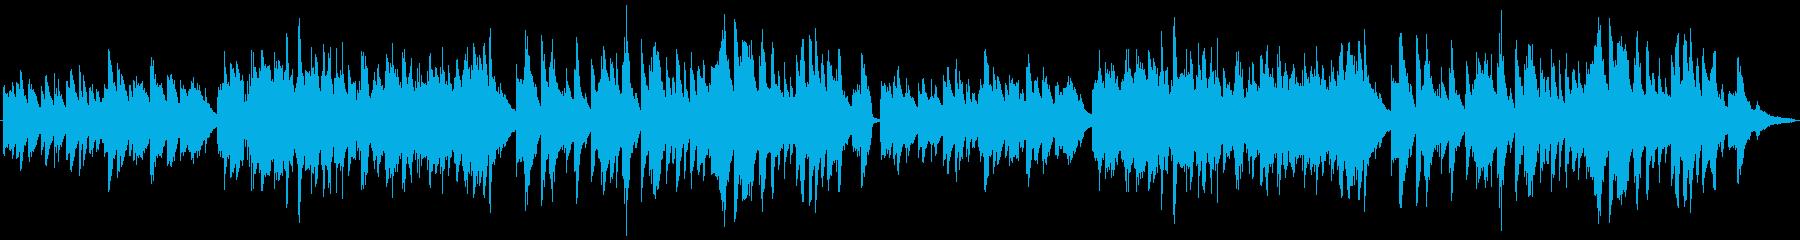 優しいメロディのバラード ピアノの再生済みの波形